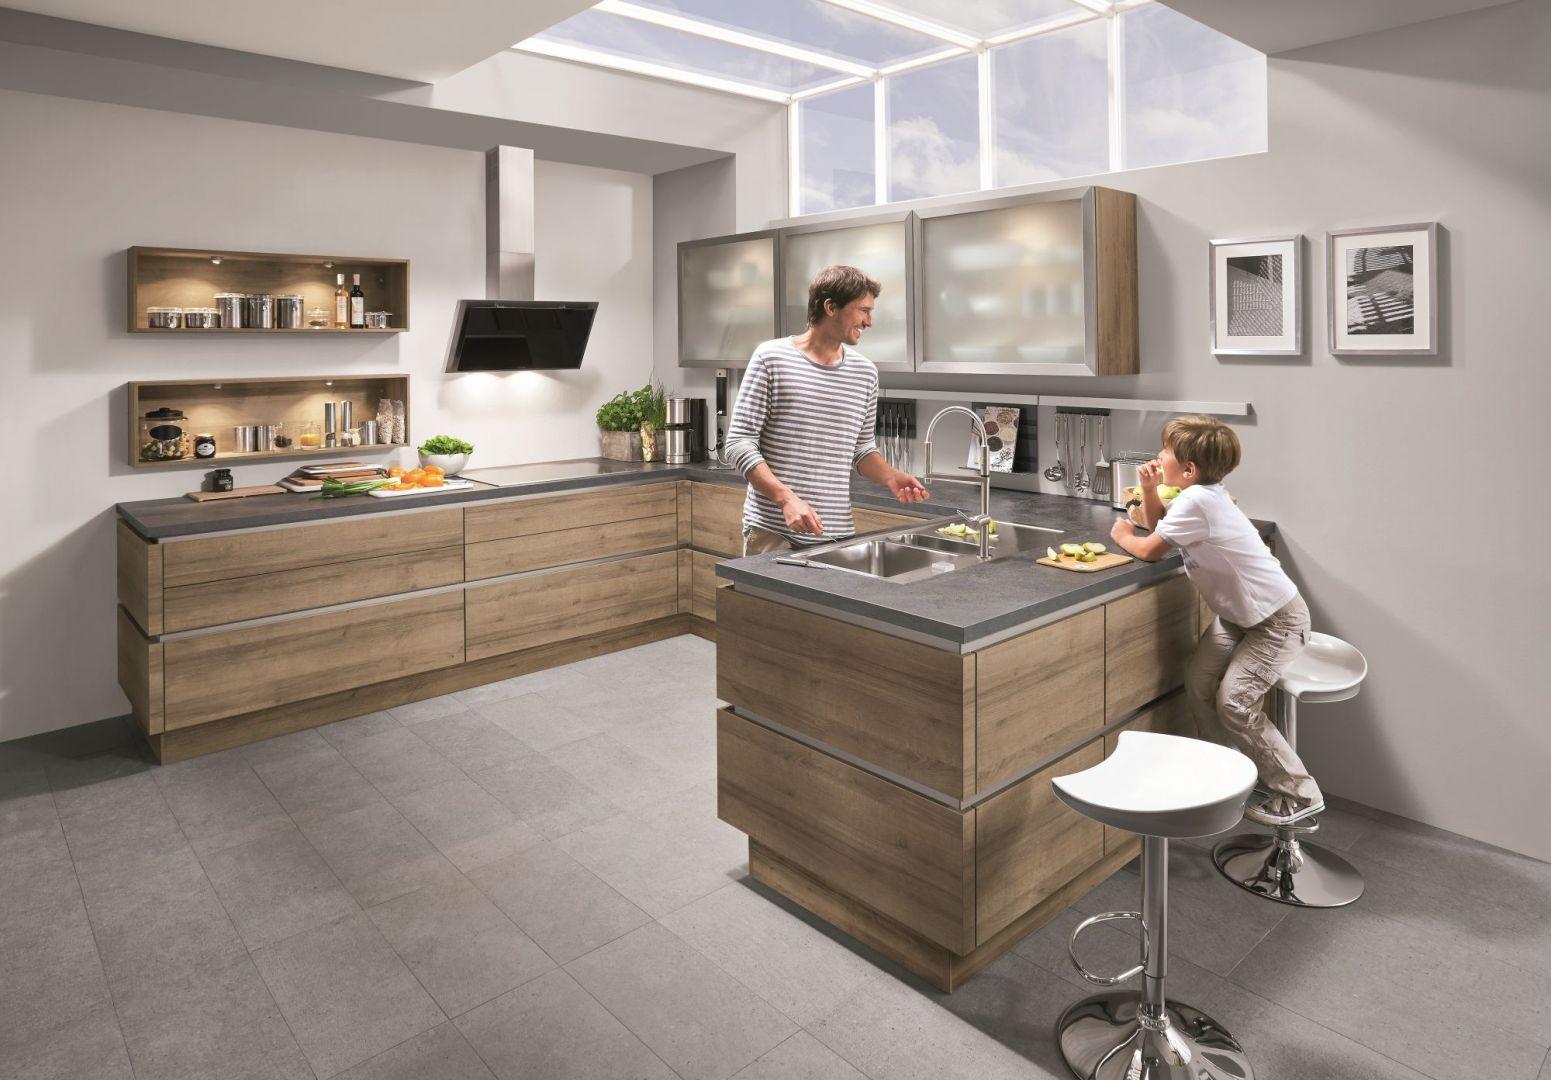 Kuchnia Riva to połączenie drewna i szarości. Transparentne, szklane górne fronty nadają aranżacji lekkości. Fot. Nobilia